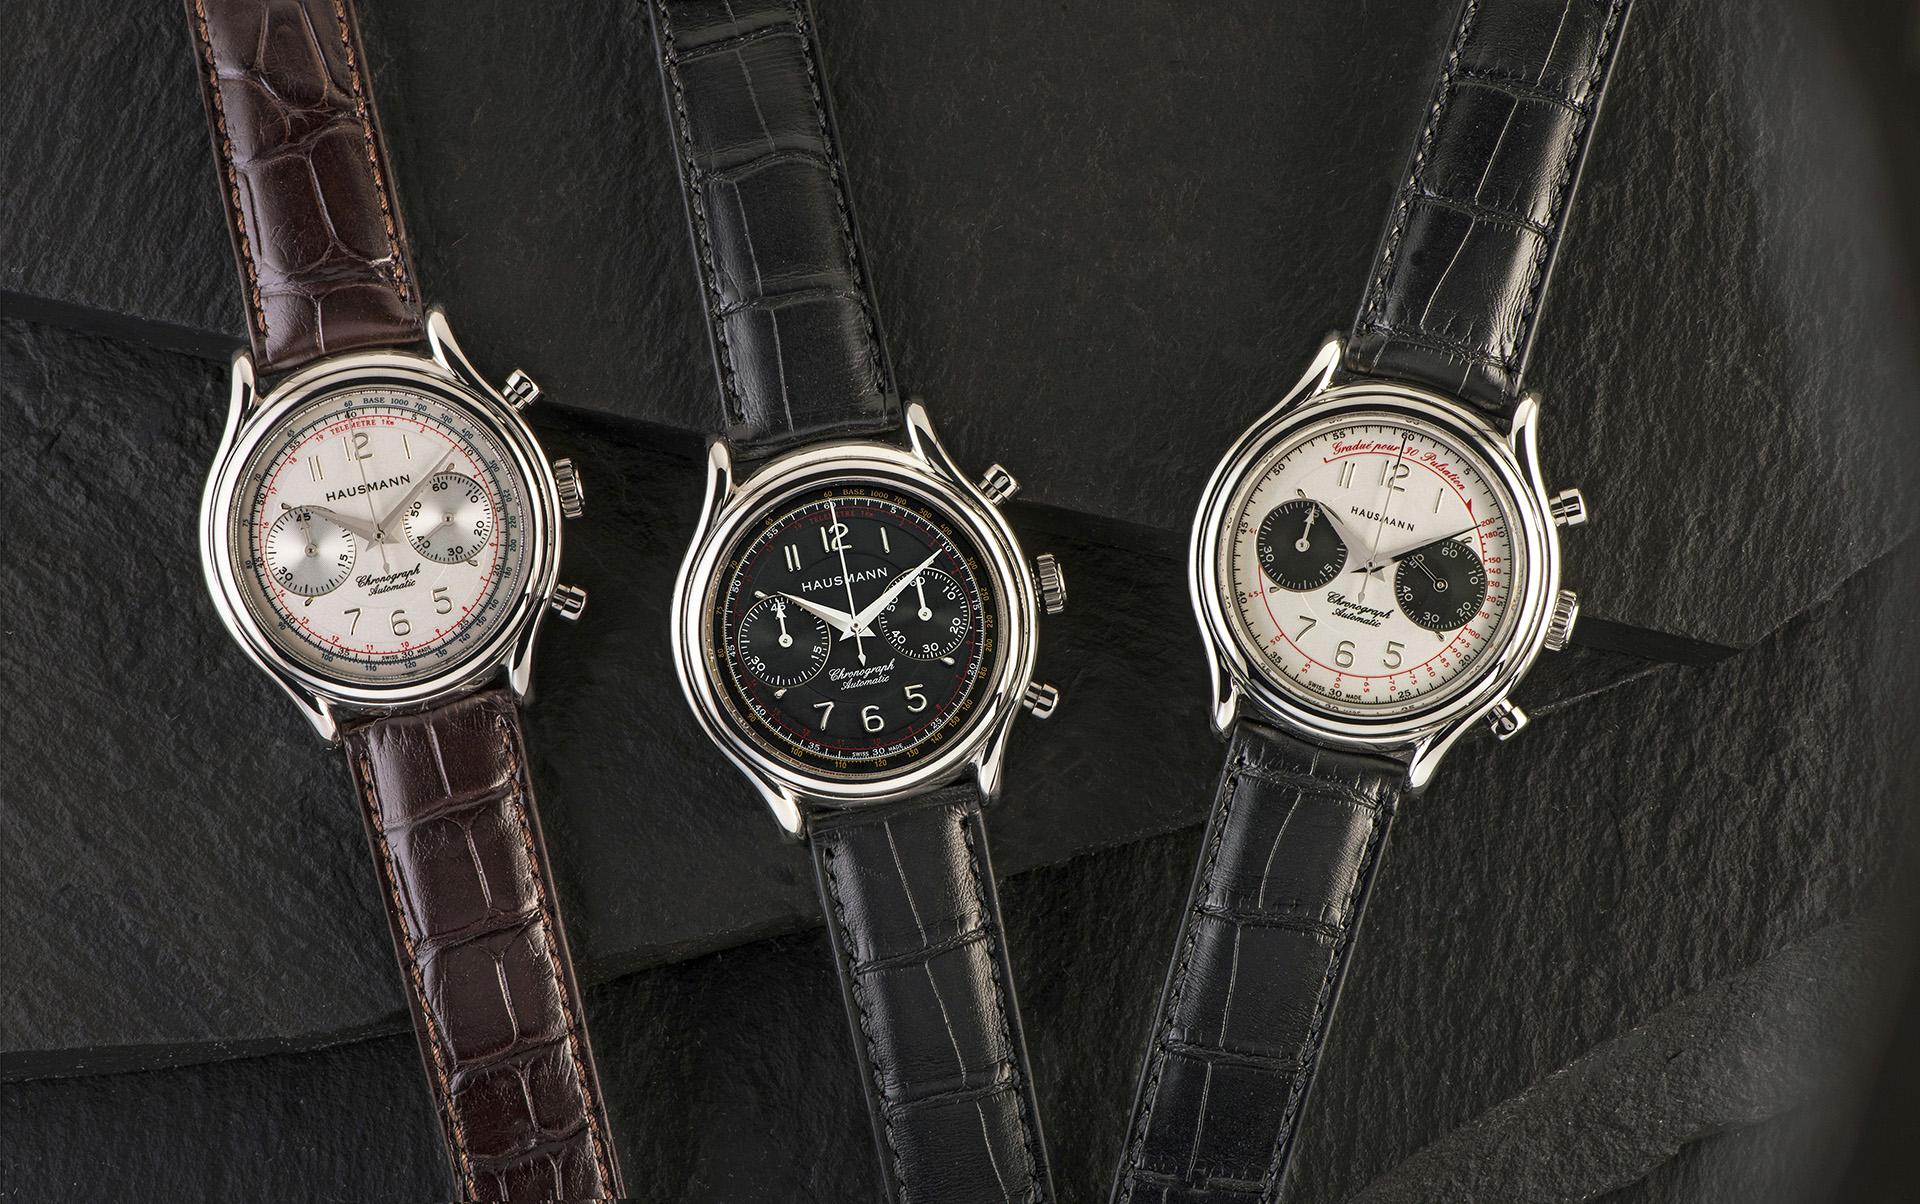 I nuovi cronografi meccanici Hausmann & Co., nelle tre varianti di quadrante.